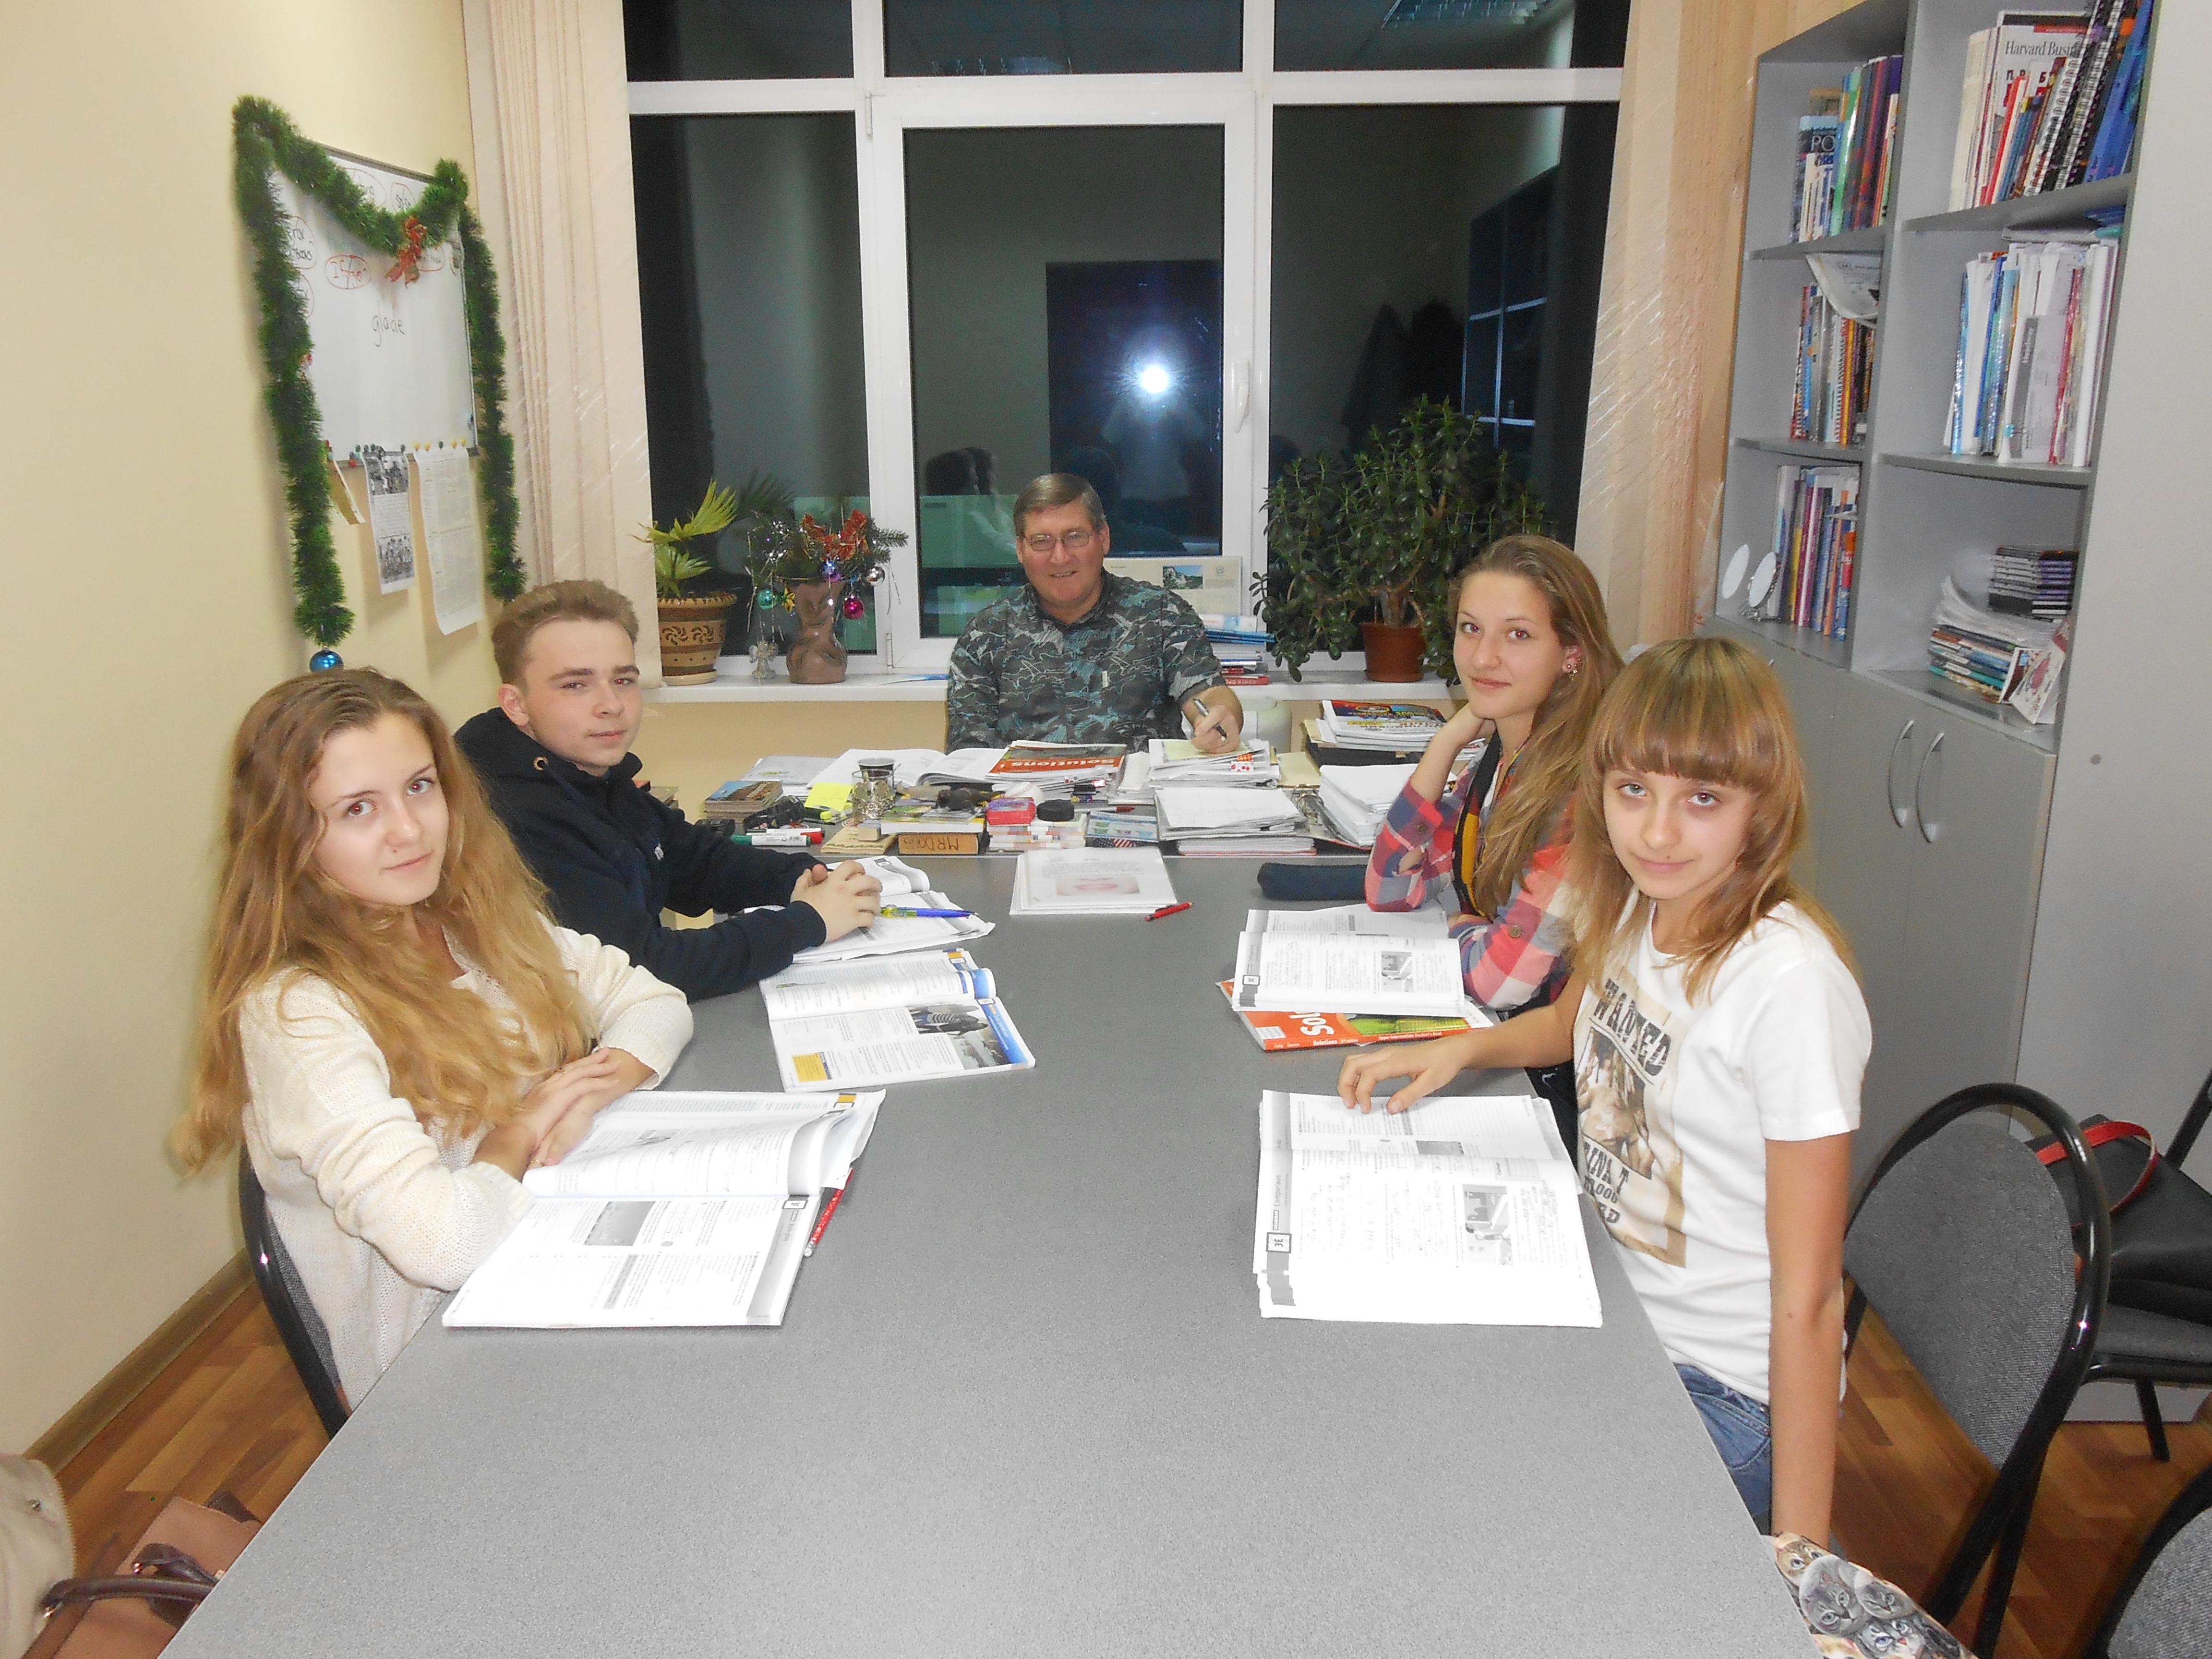 Обучение английскому языку в Ростове-на-Дону фото (11)